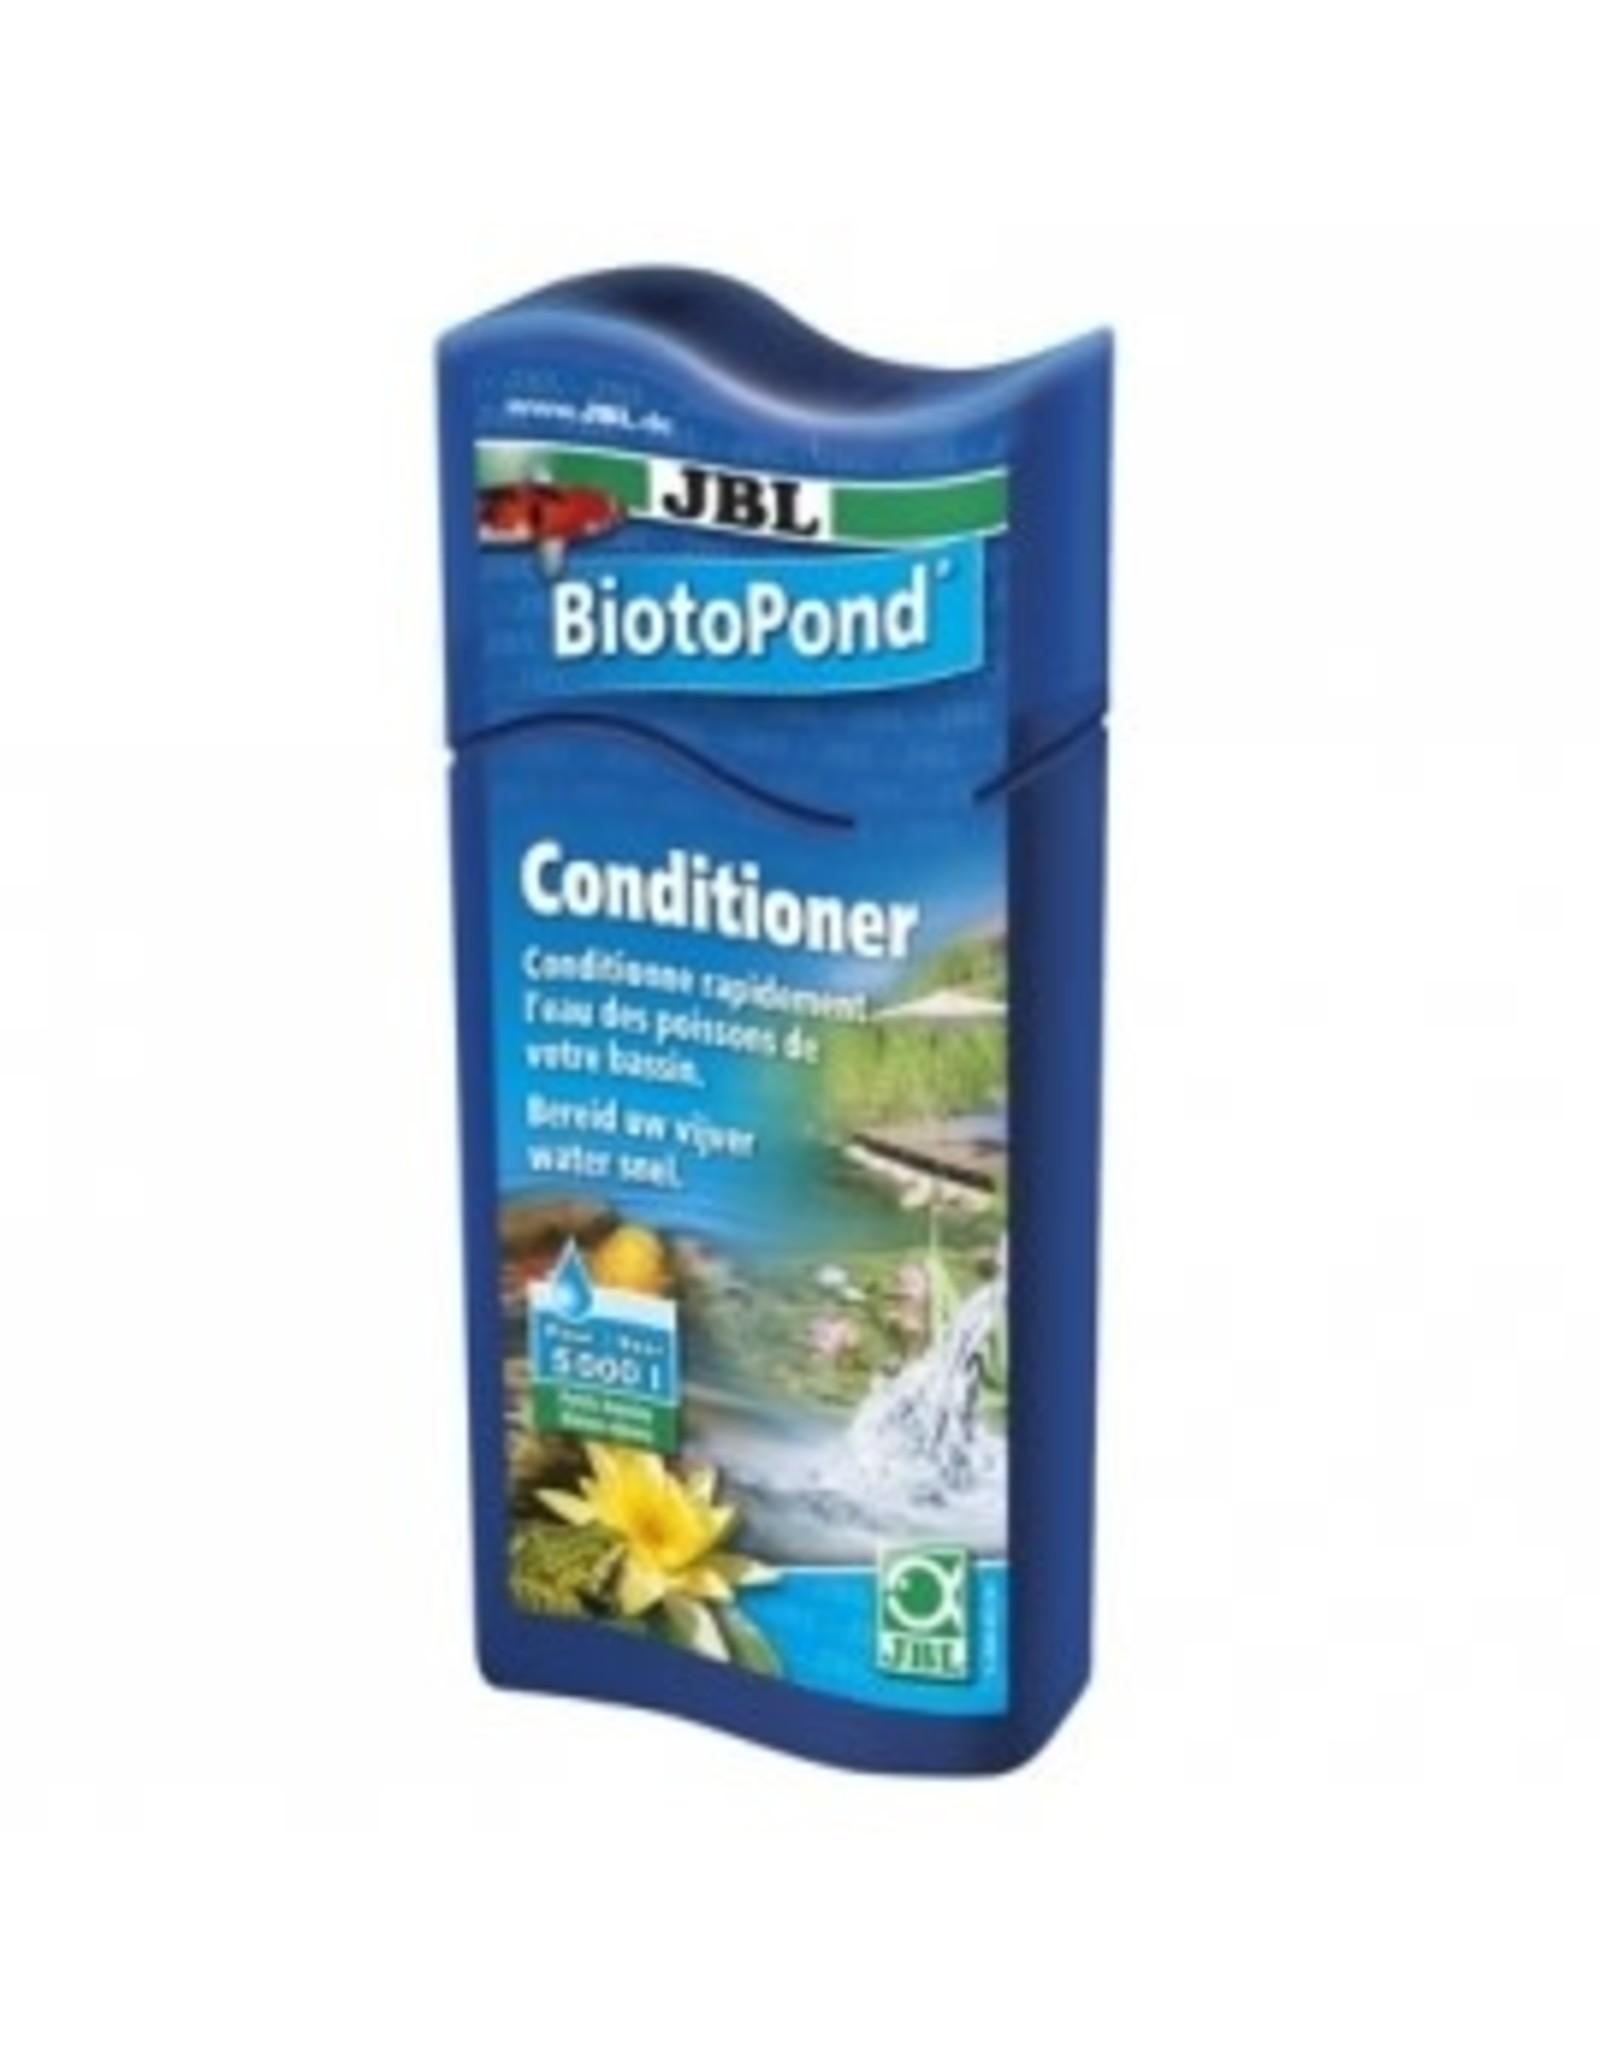 JBL BiotoPond